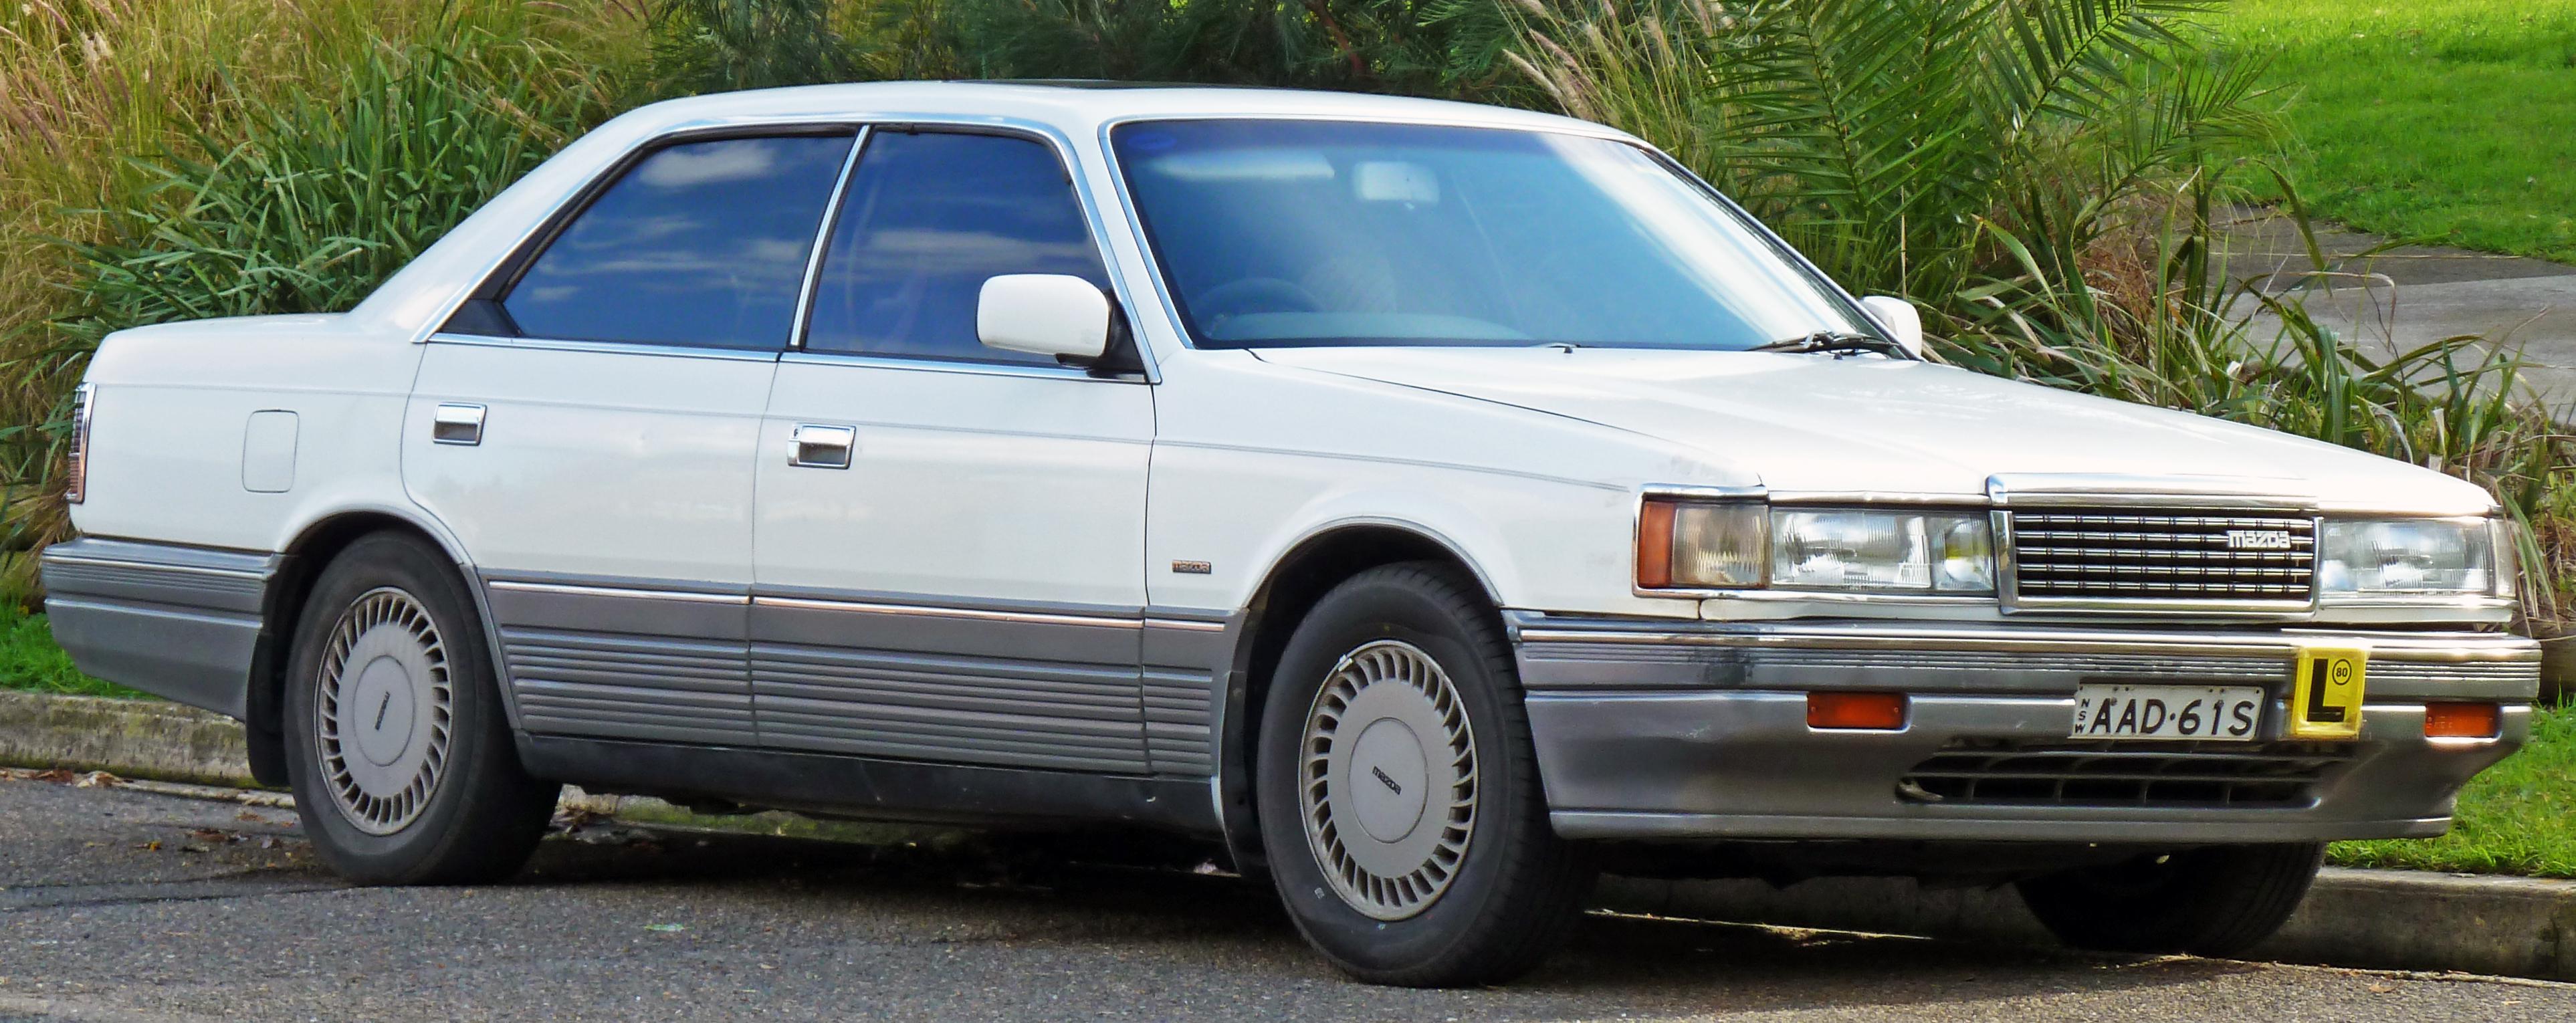 Mazda Sentia II (HE) 1995 - 2000 Sedan #1